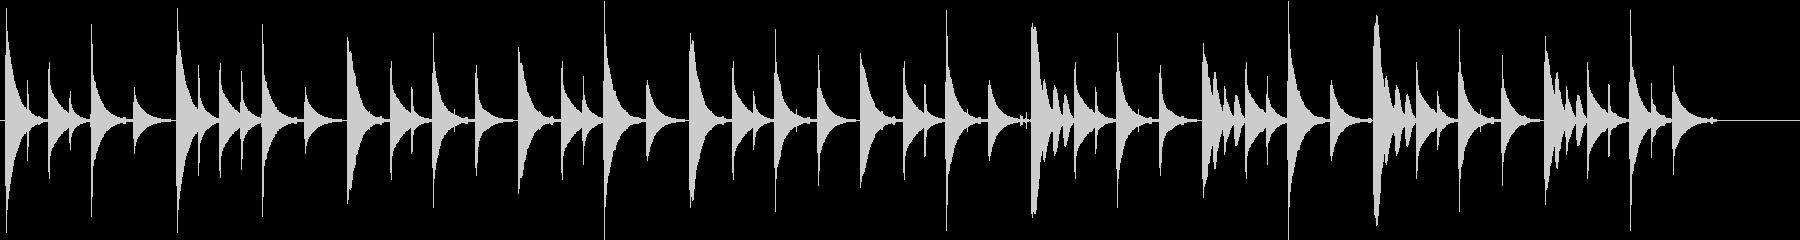 ほのぼのとしてシンプルな短い曲の未再生の波形